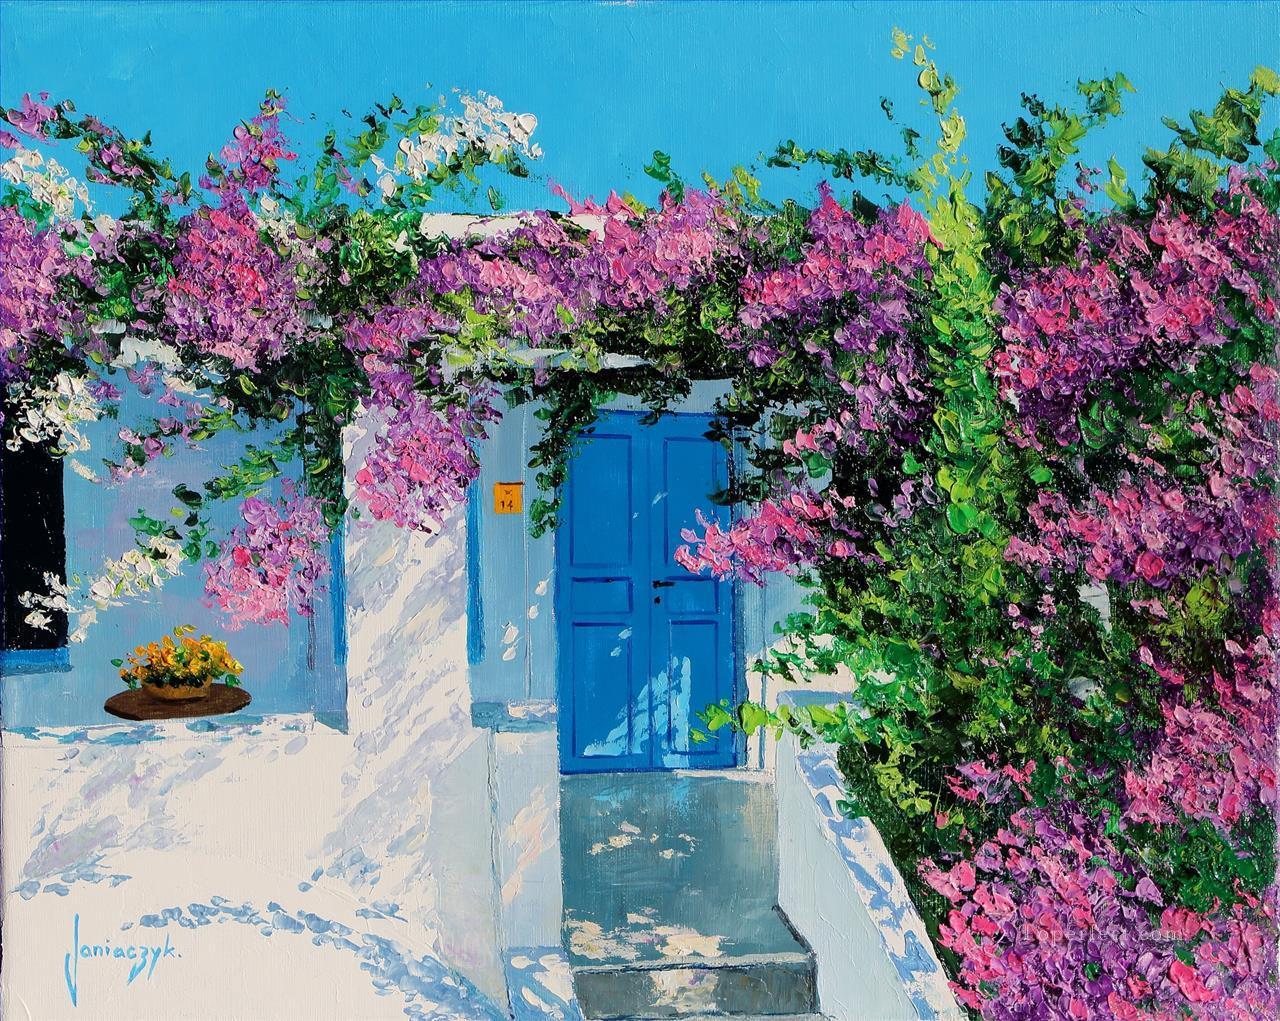 blue door in greece garden painting in oil for sale